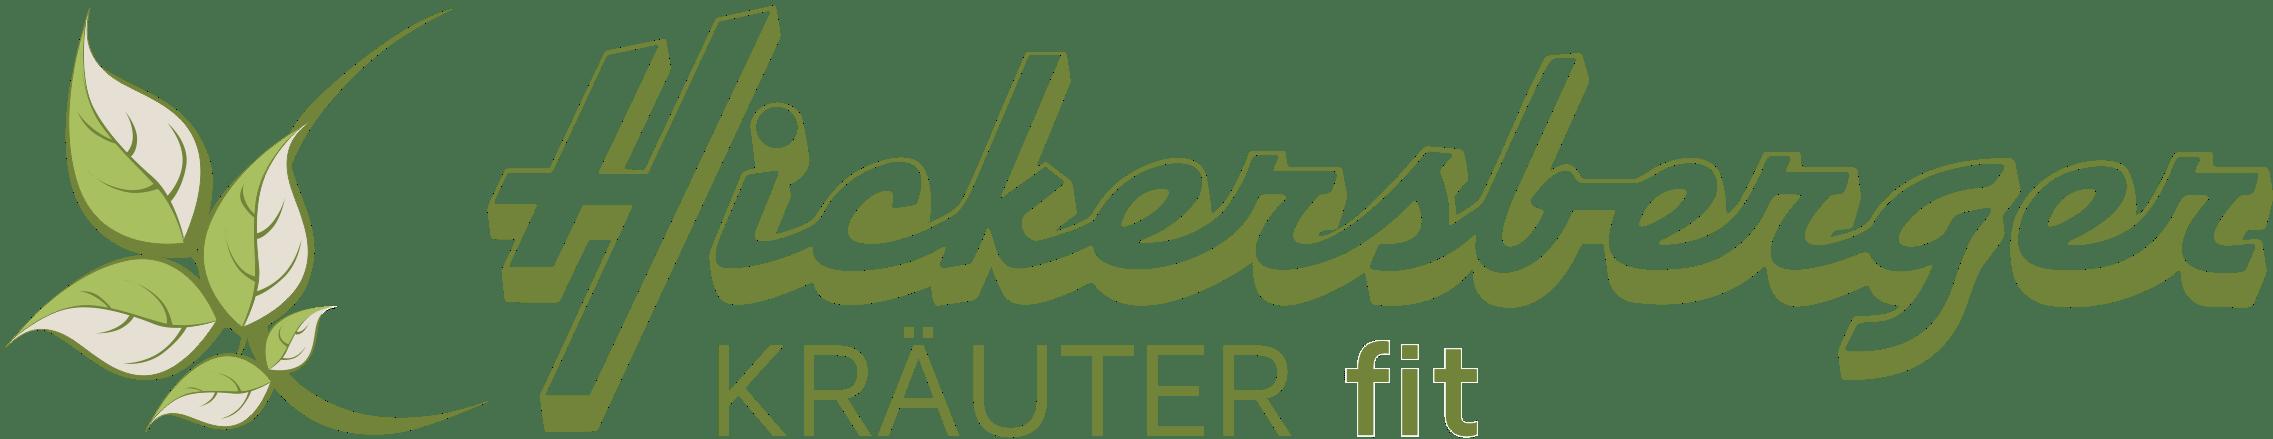 Hickersberger Kräuter fit Logo